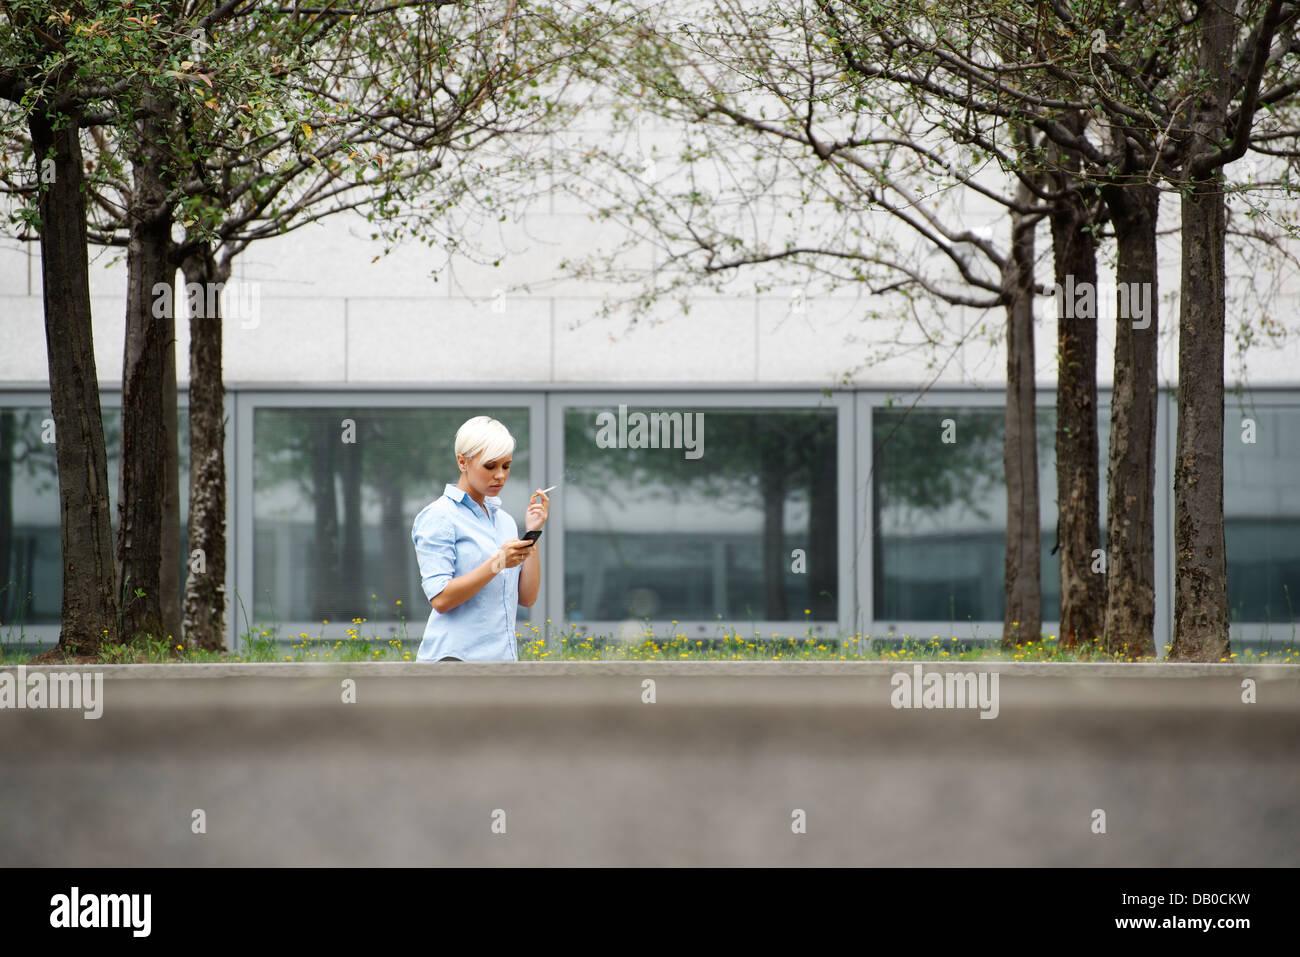 junge Geschäftsfrau qualmender Zigarette während des Bürogebäudes ausbrechen. Wide shot, Textfreiraum Stockbild